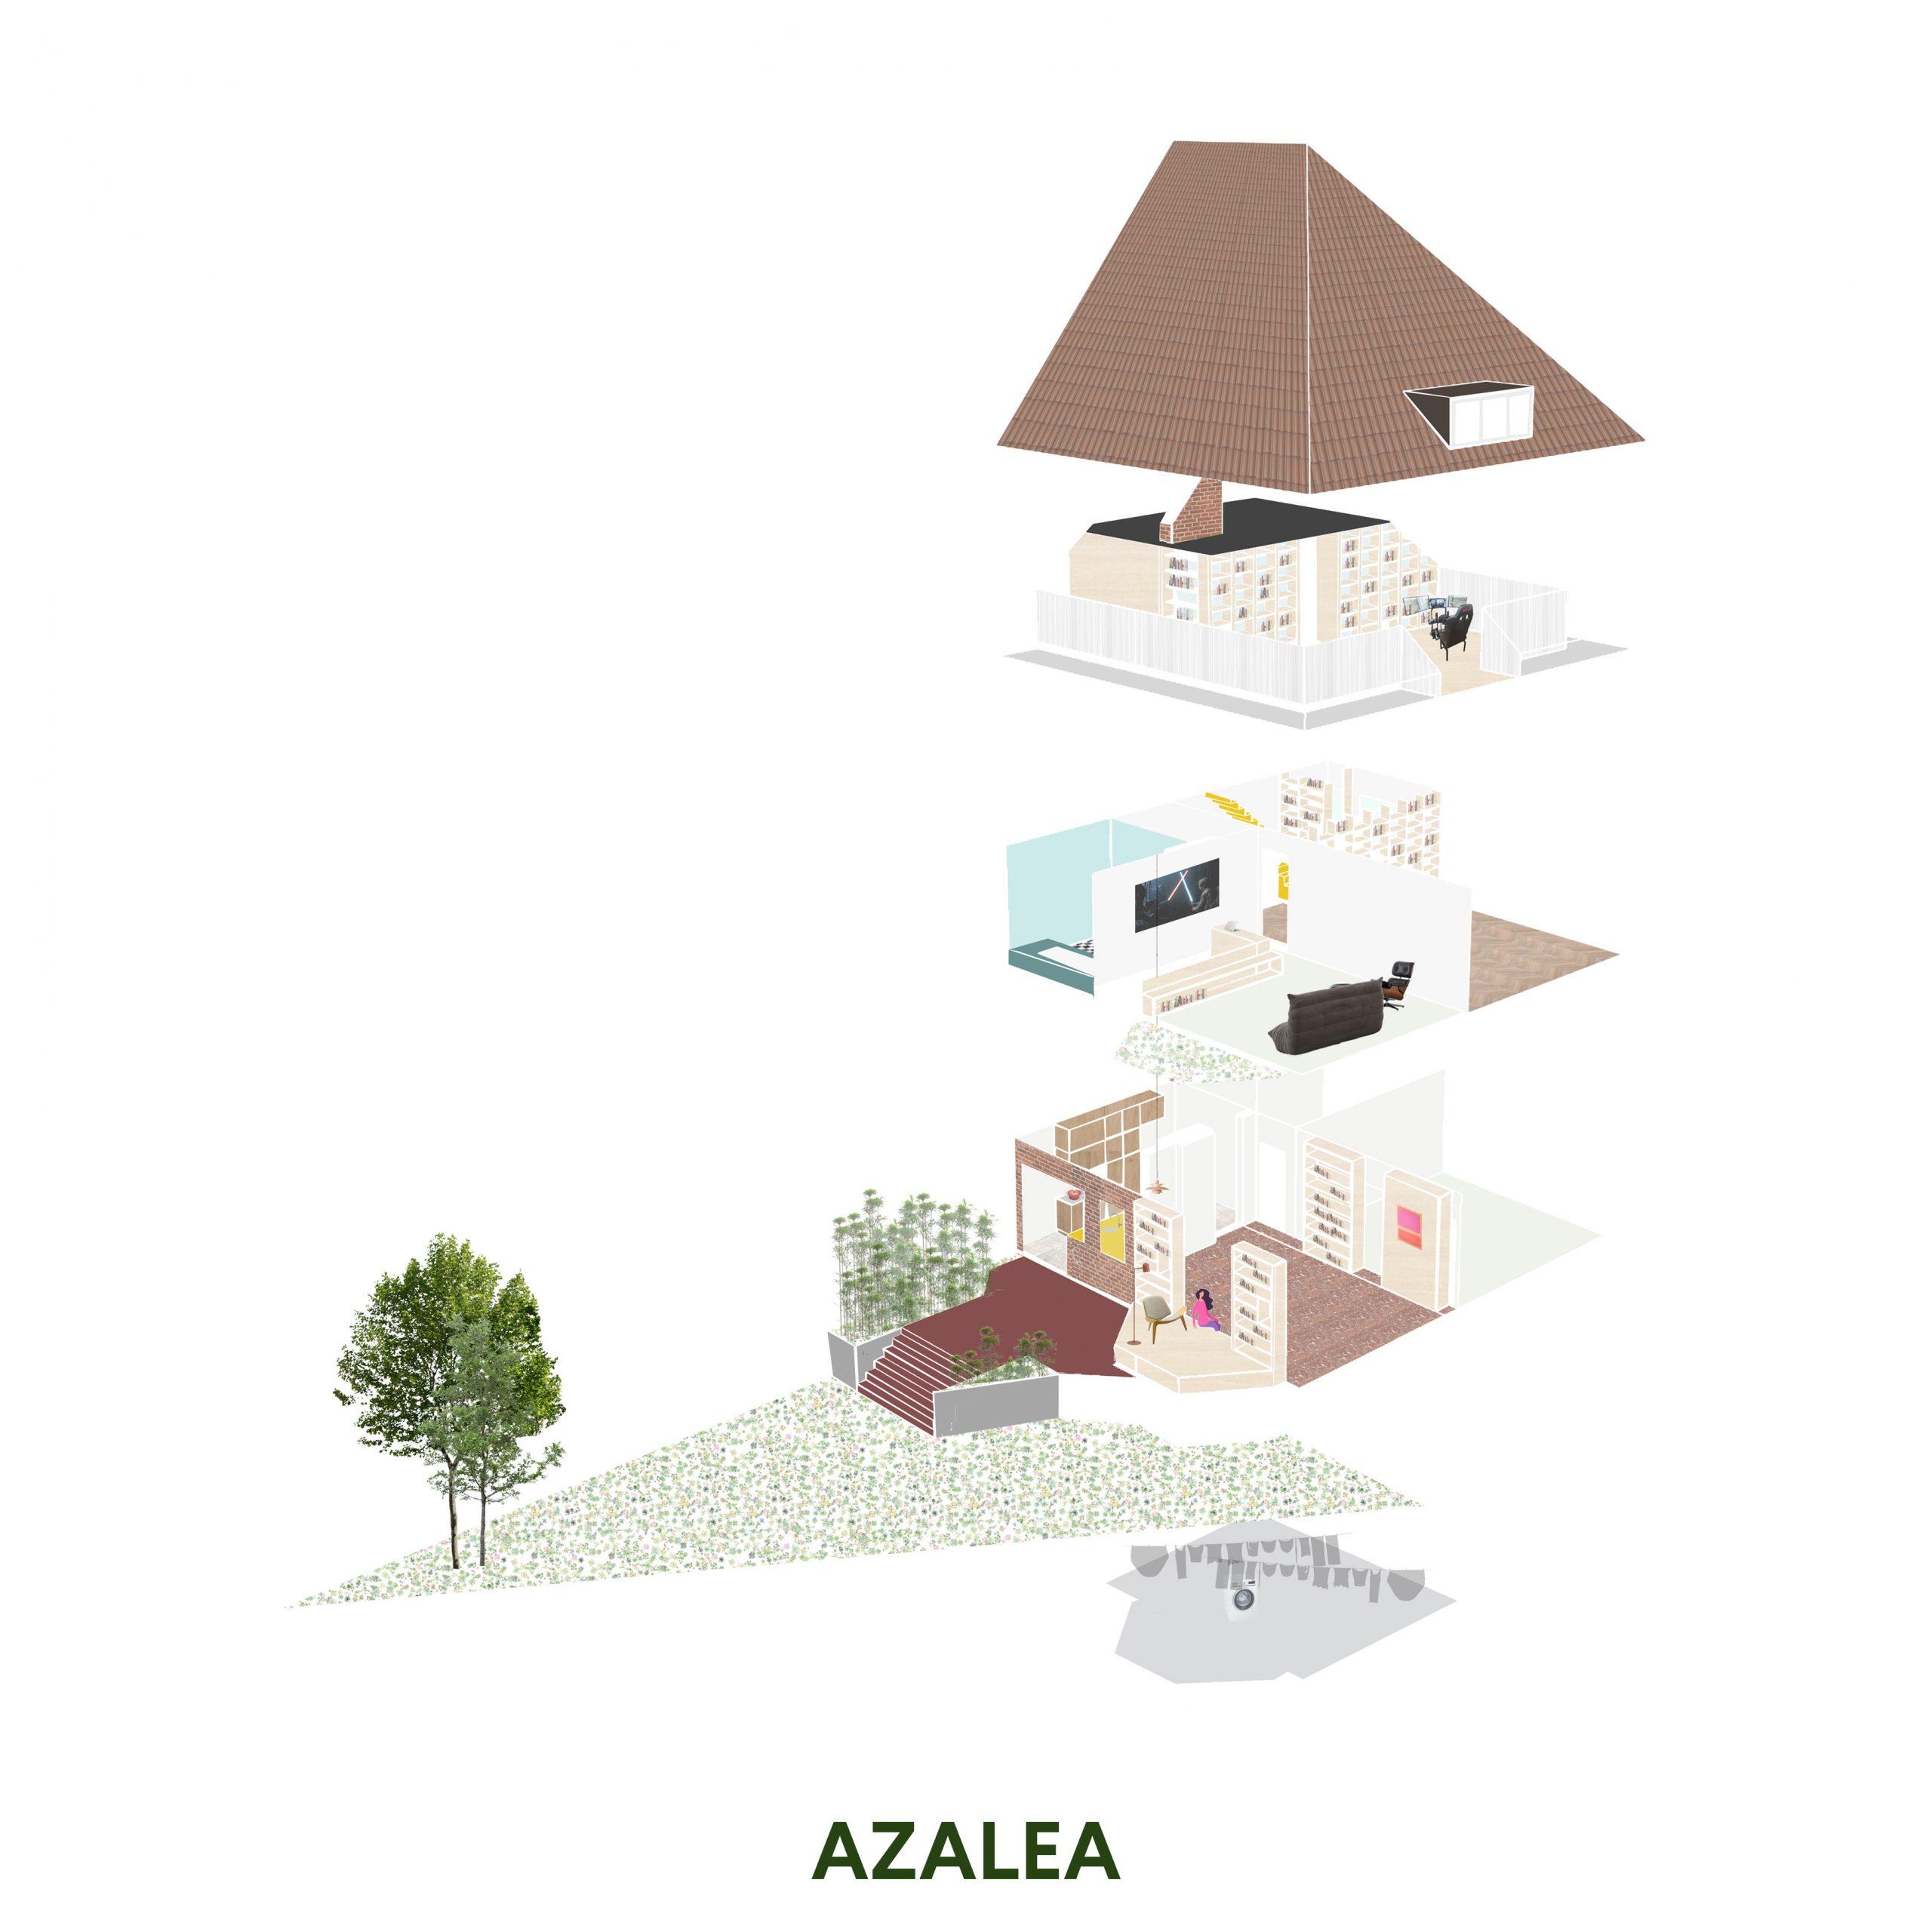 studioHAAN_AZALEA